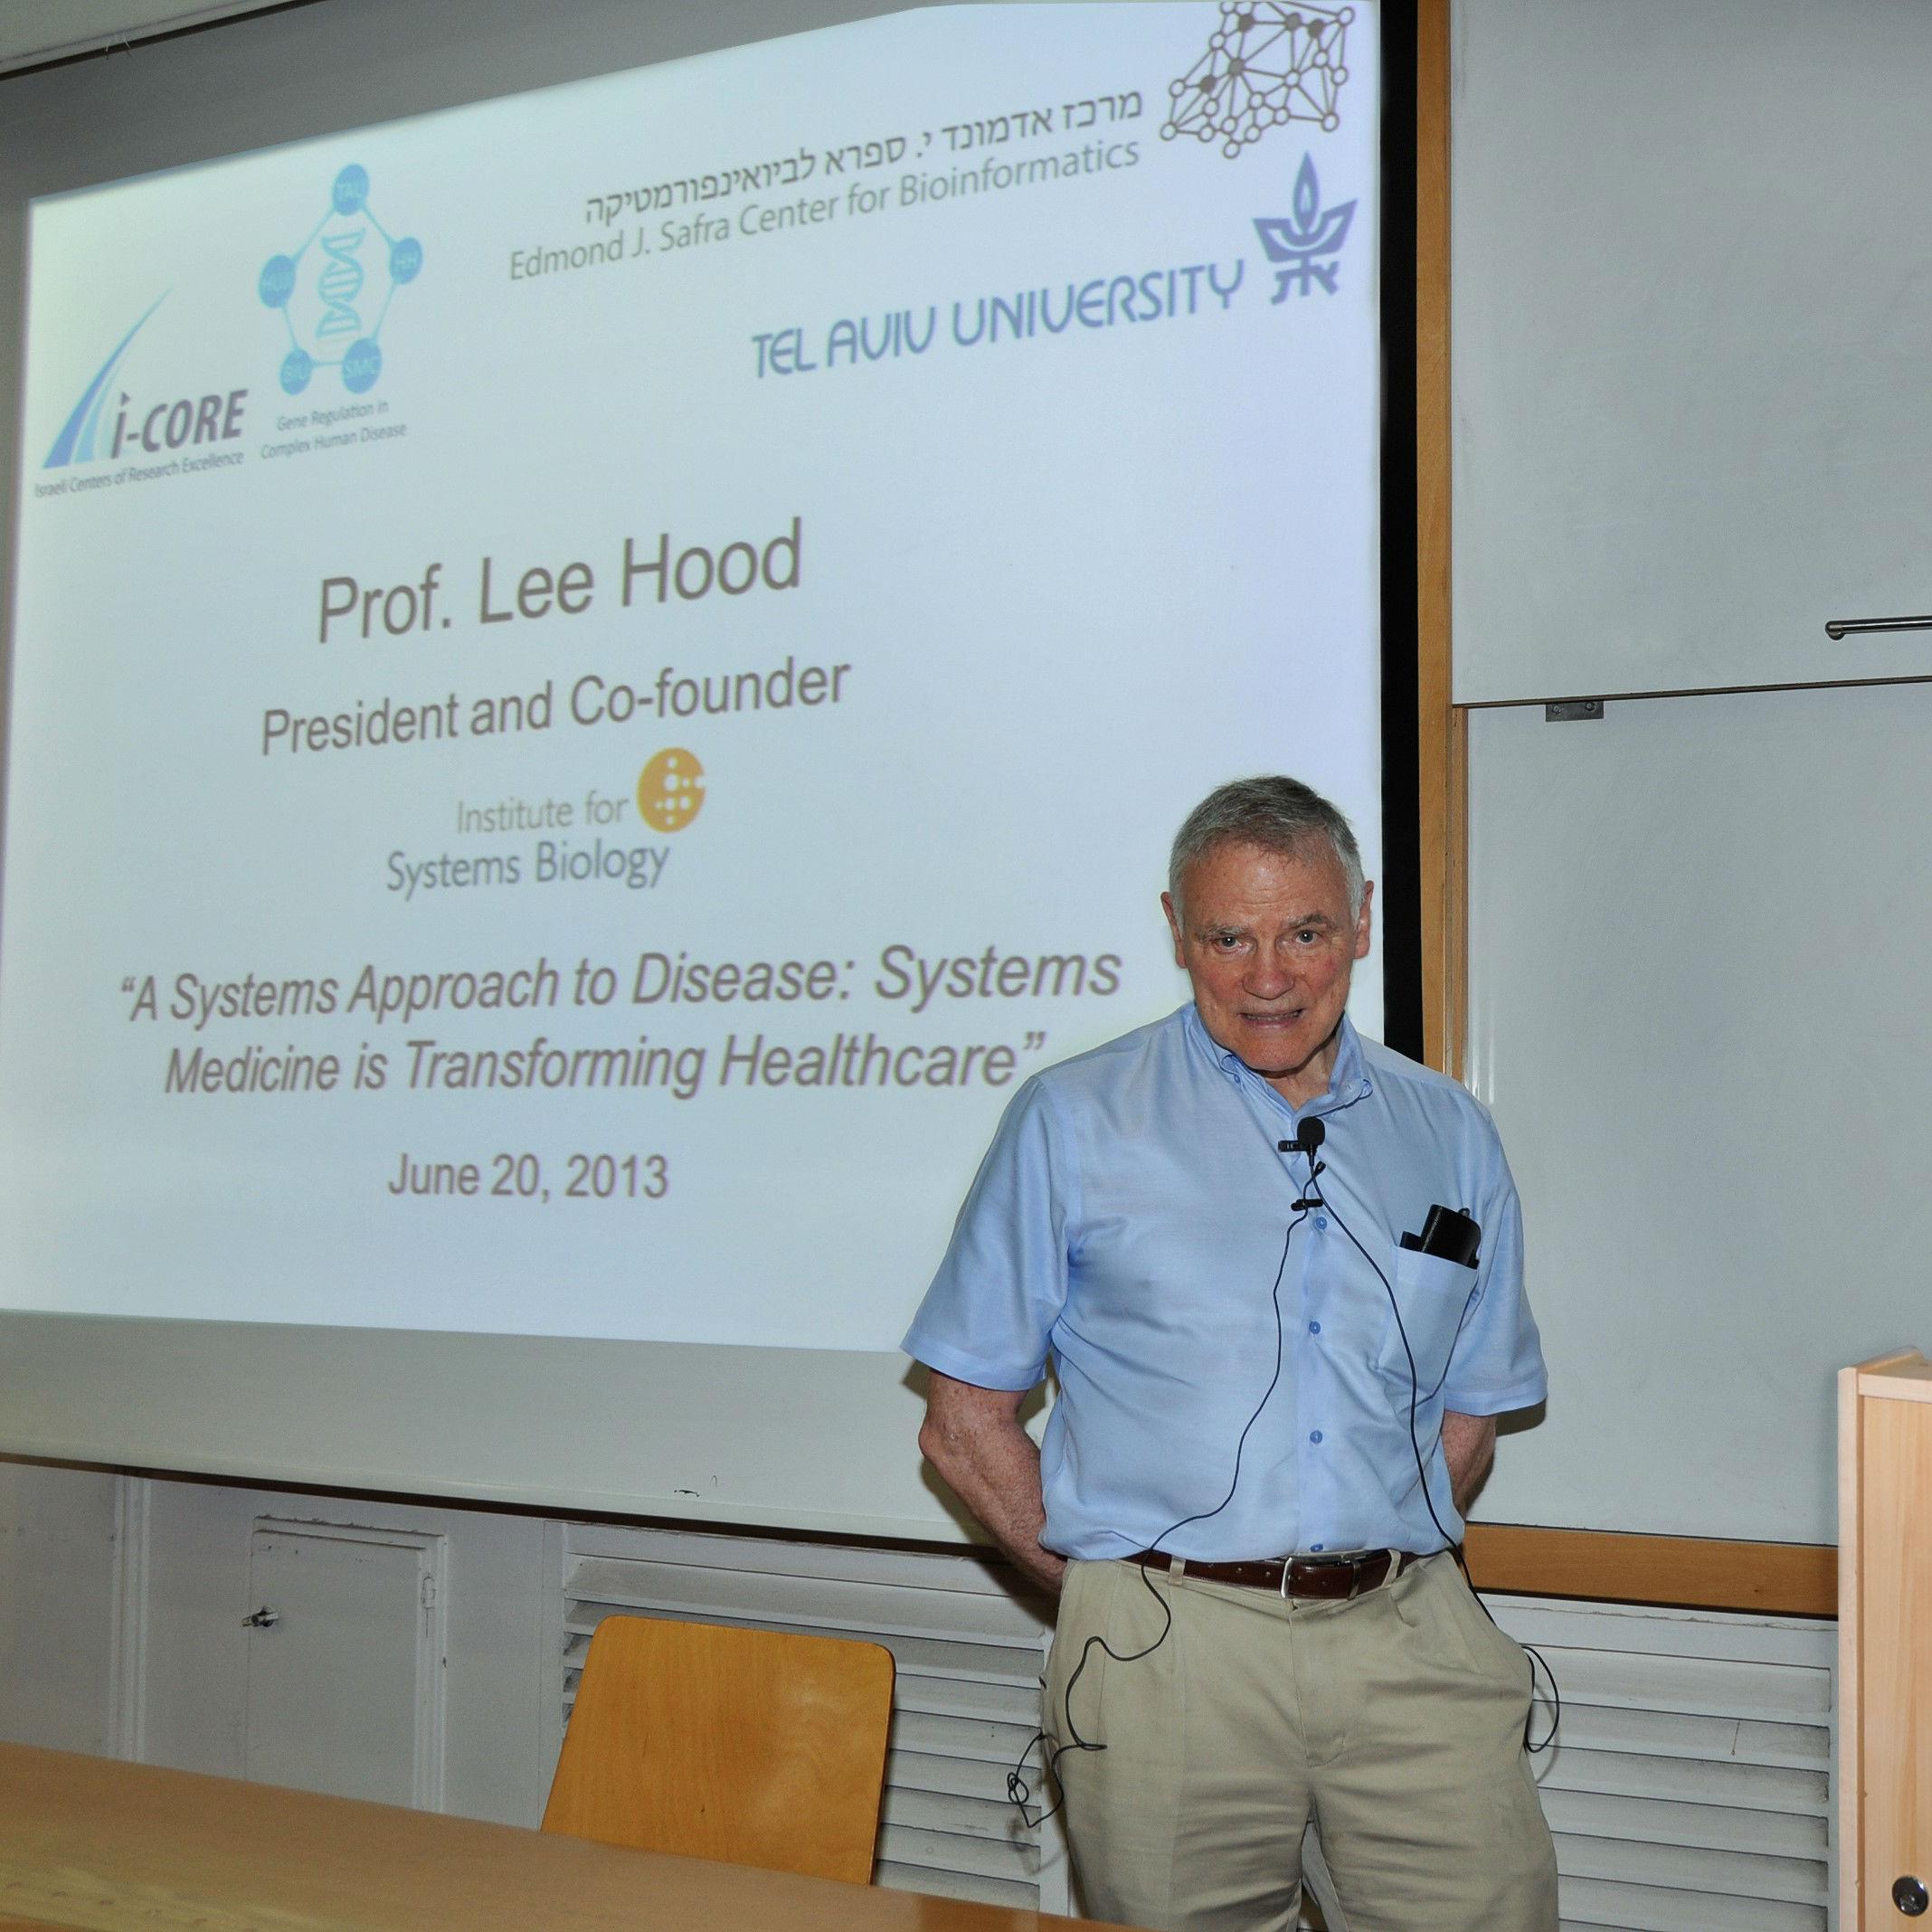 פרופ' לי הוד הרצה באוניברסיטת תל אביב ב- 20 ביוני 2013